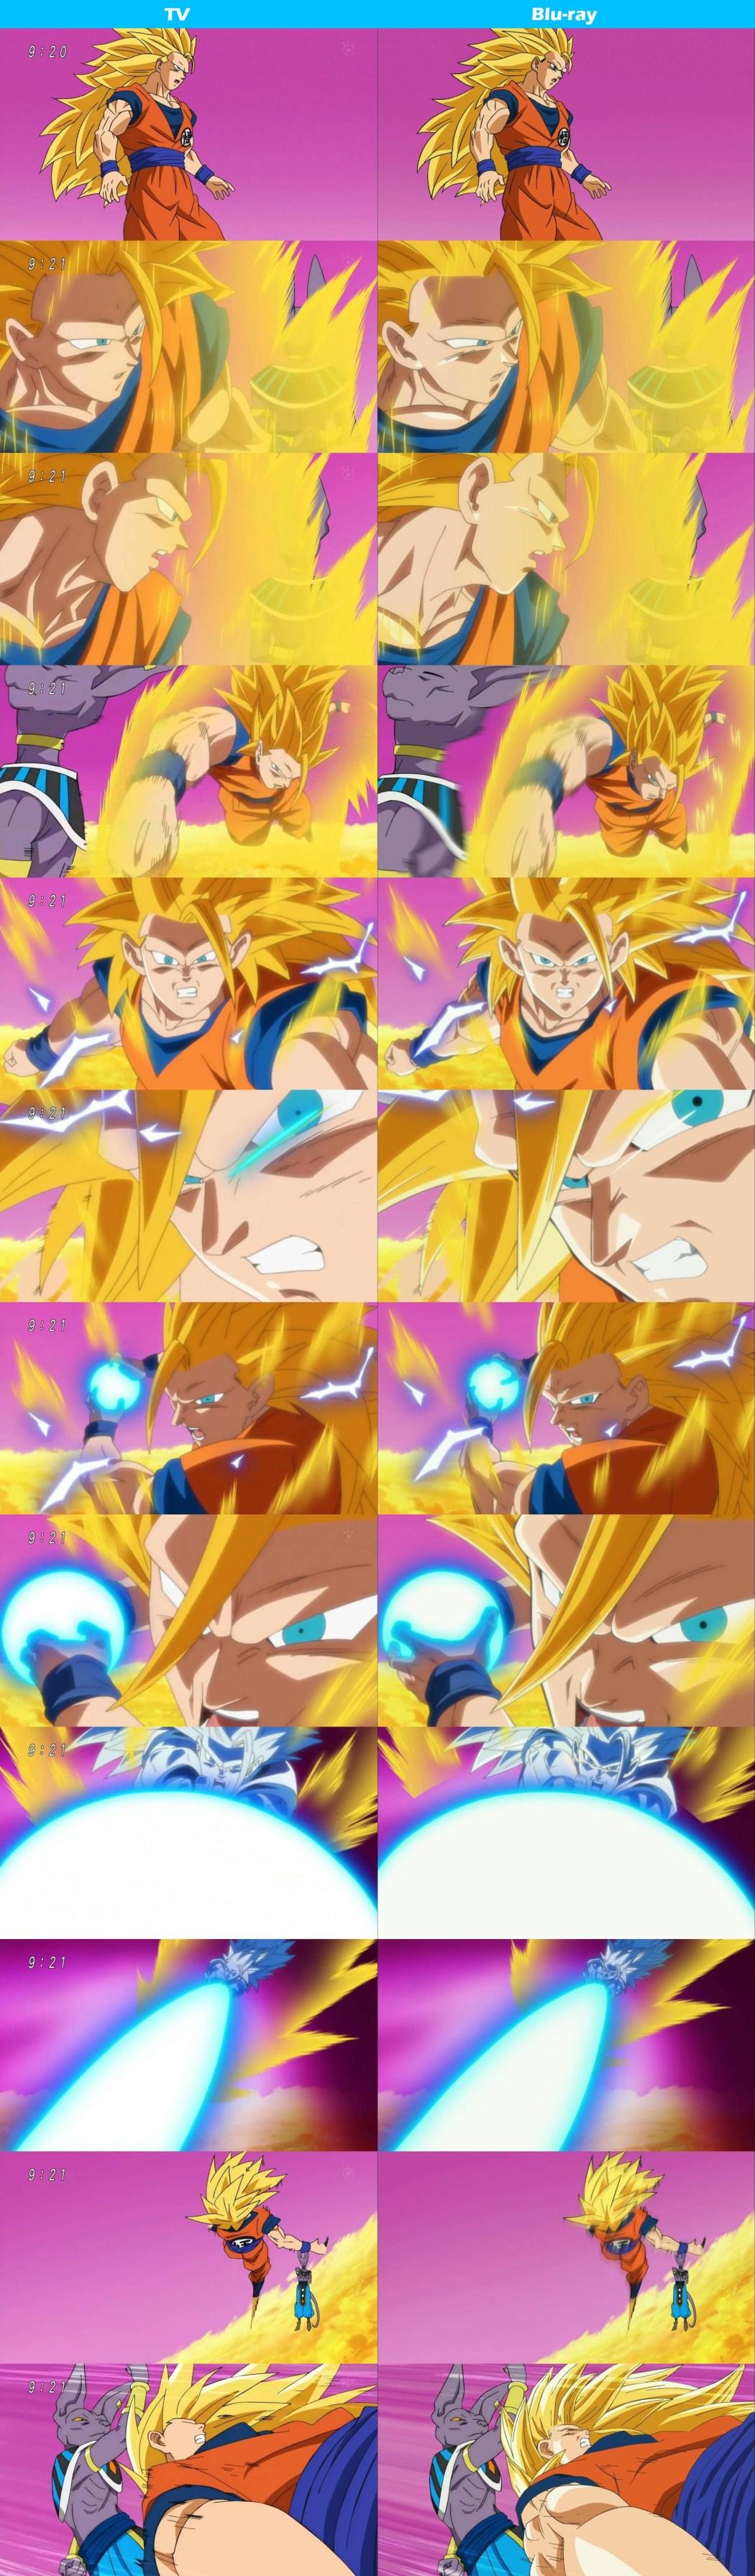 Dragon-Ball-Super-TV-Anime-and-Blu-Ray-Comparison-4